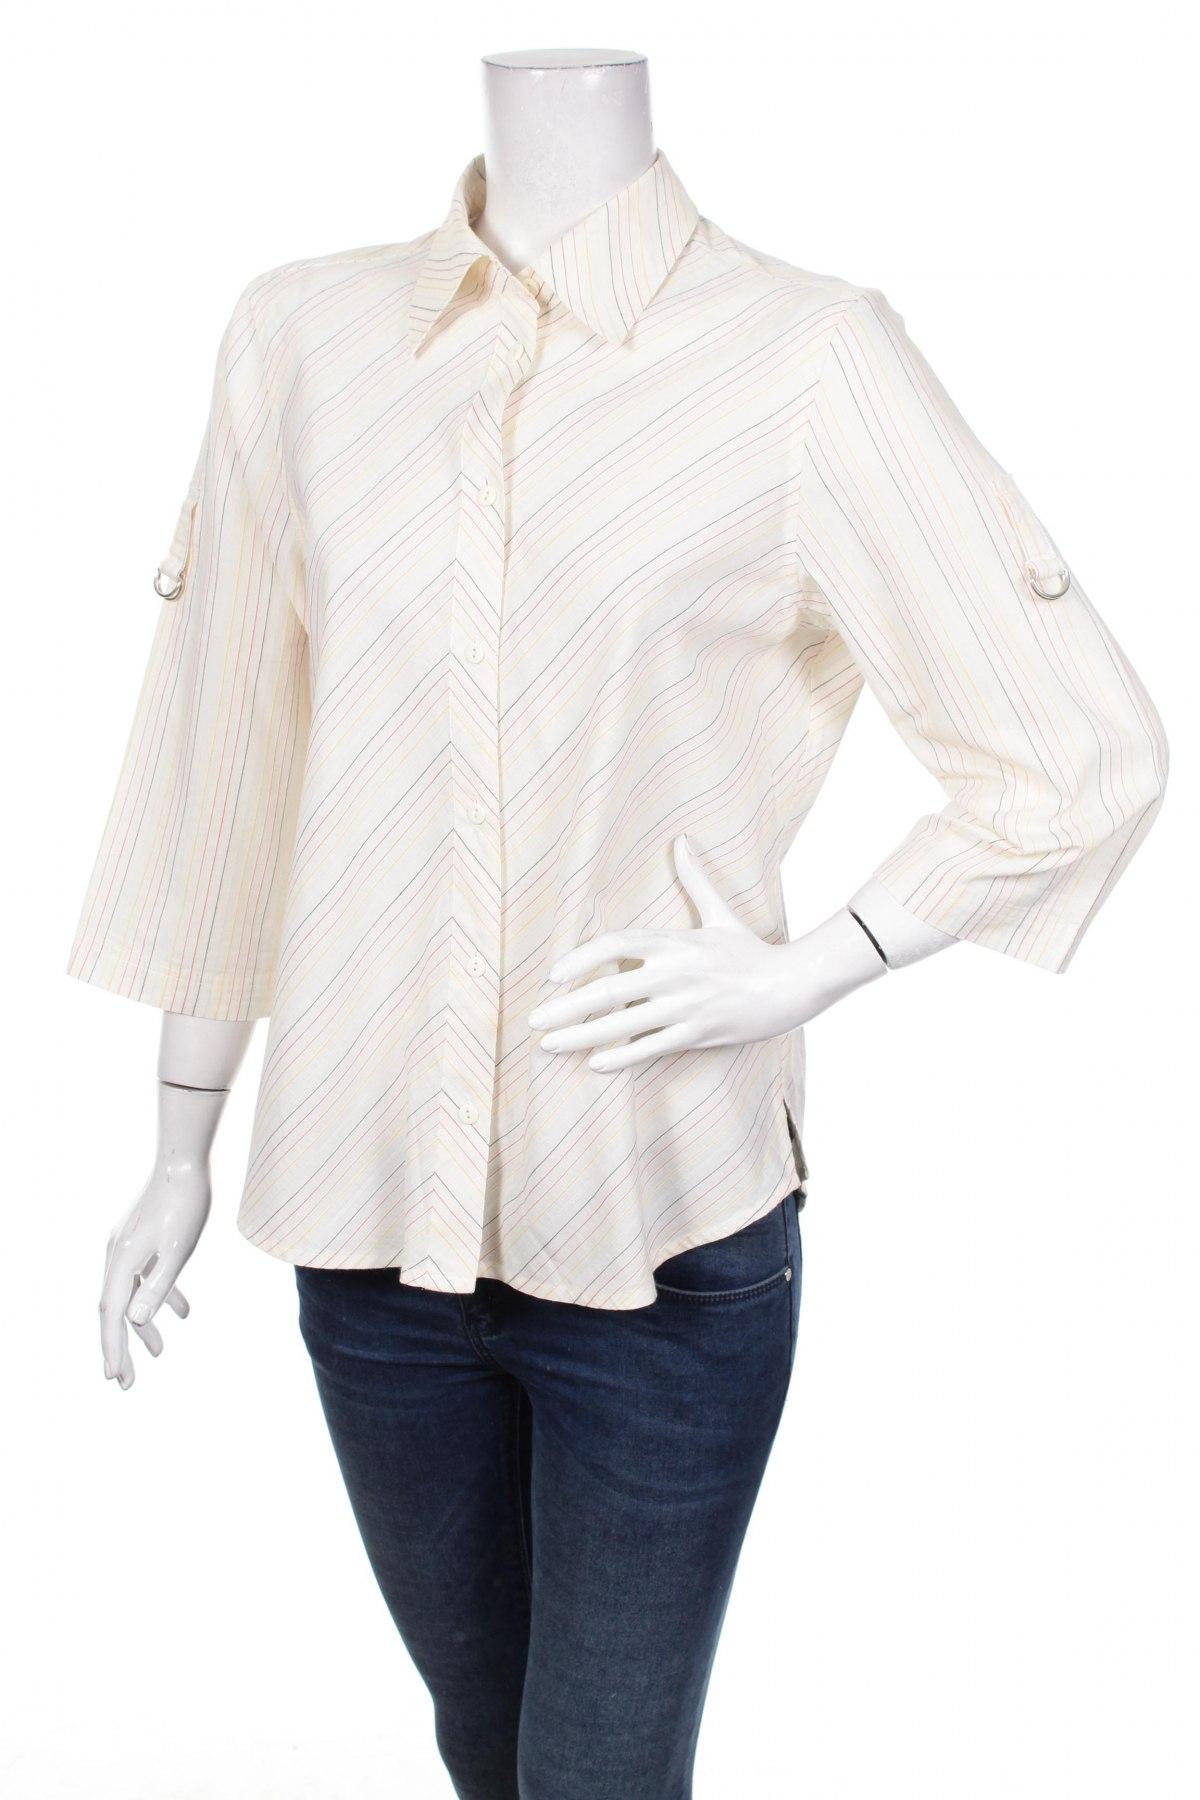 Γυναικείο πουκάμισο Cecil, Μέγεθος L, Χρώμα Πολύχρωμο, Βαμβάκι, Τιμή 15,46€